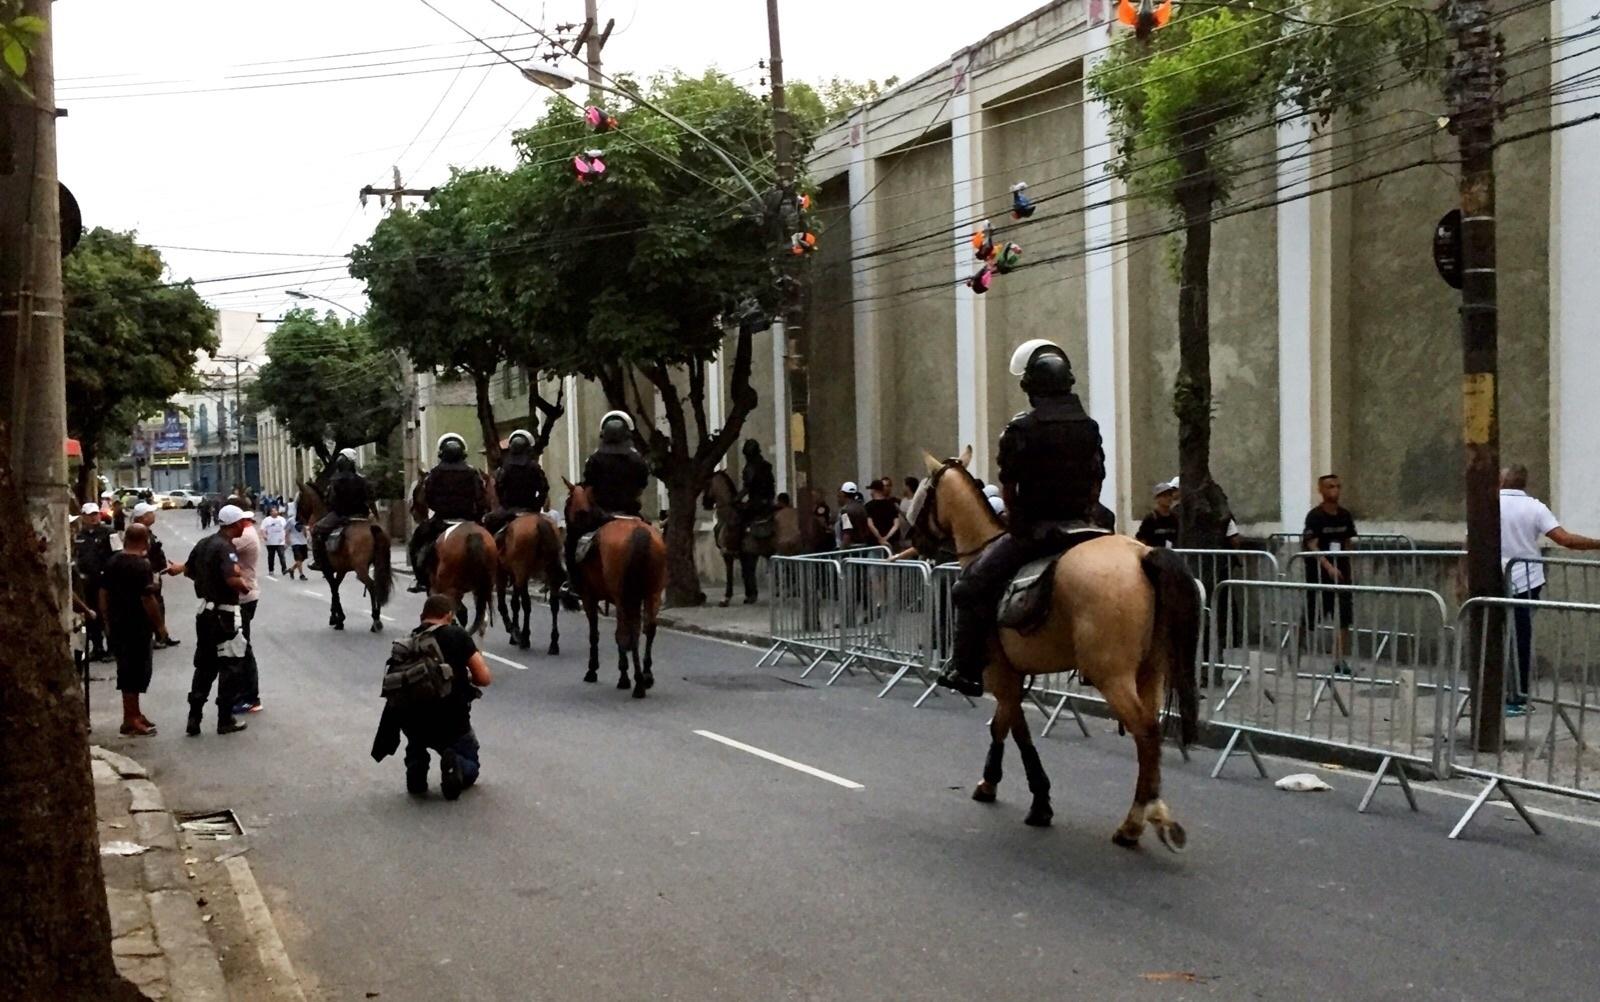 Cavalaria da polícia na entrada de visitantes de São Januário